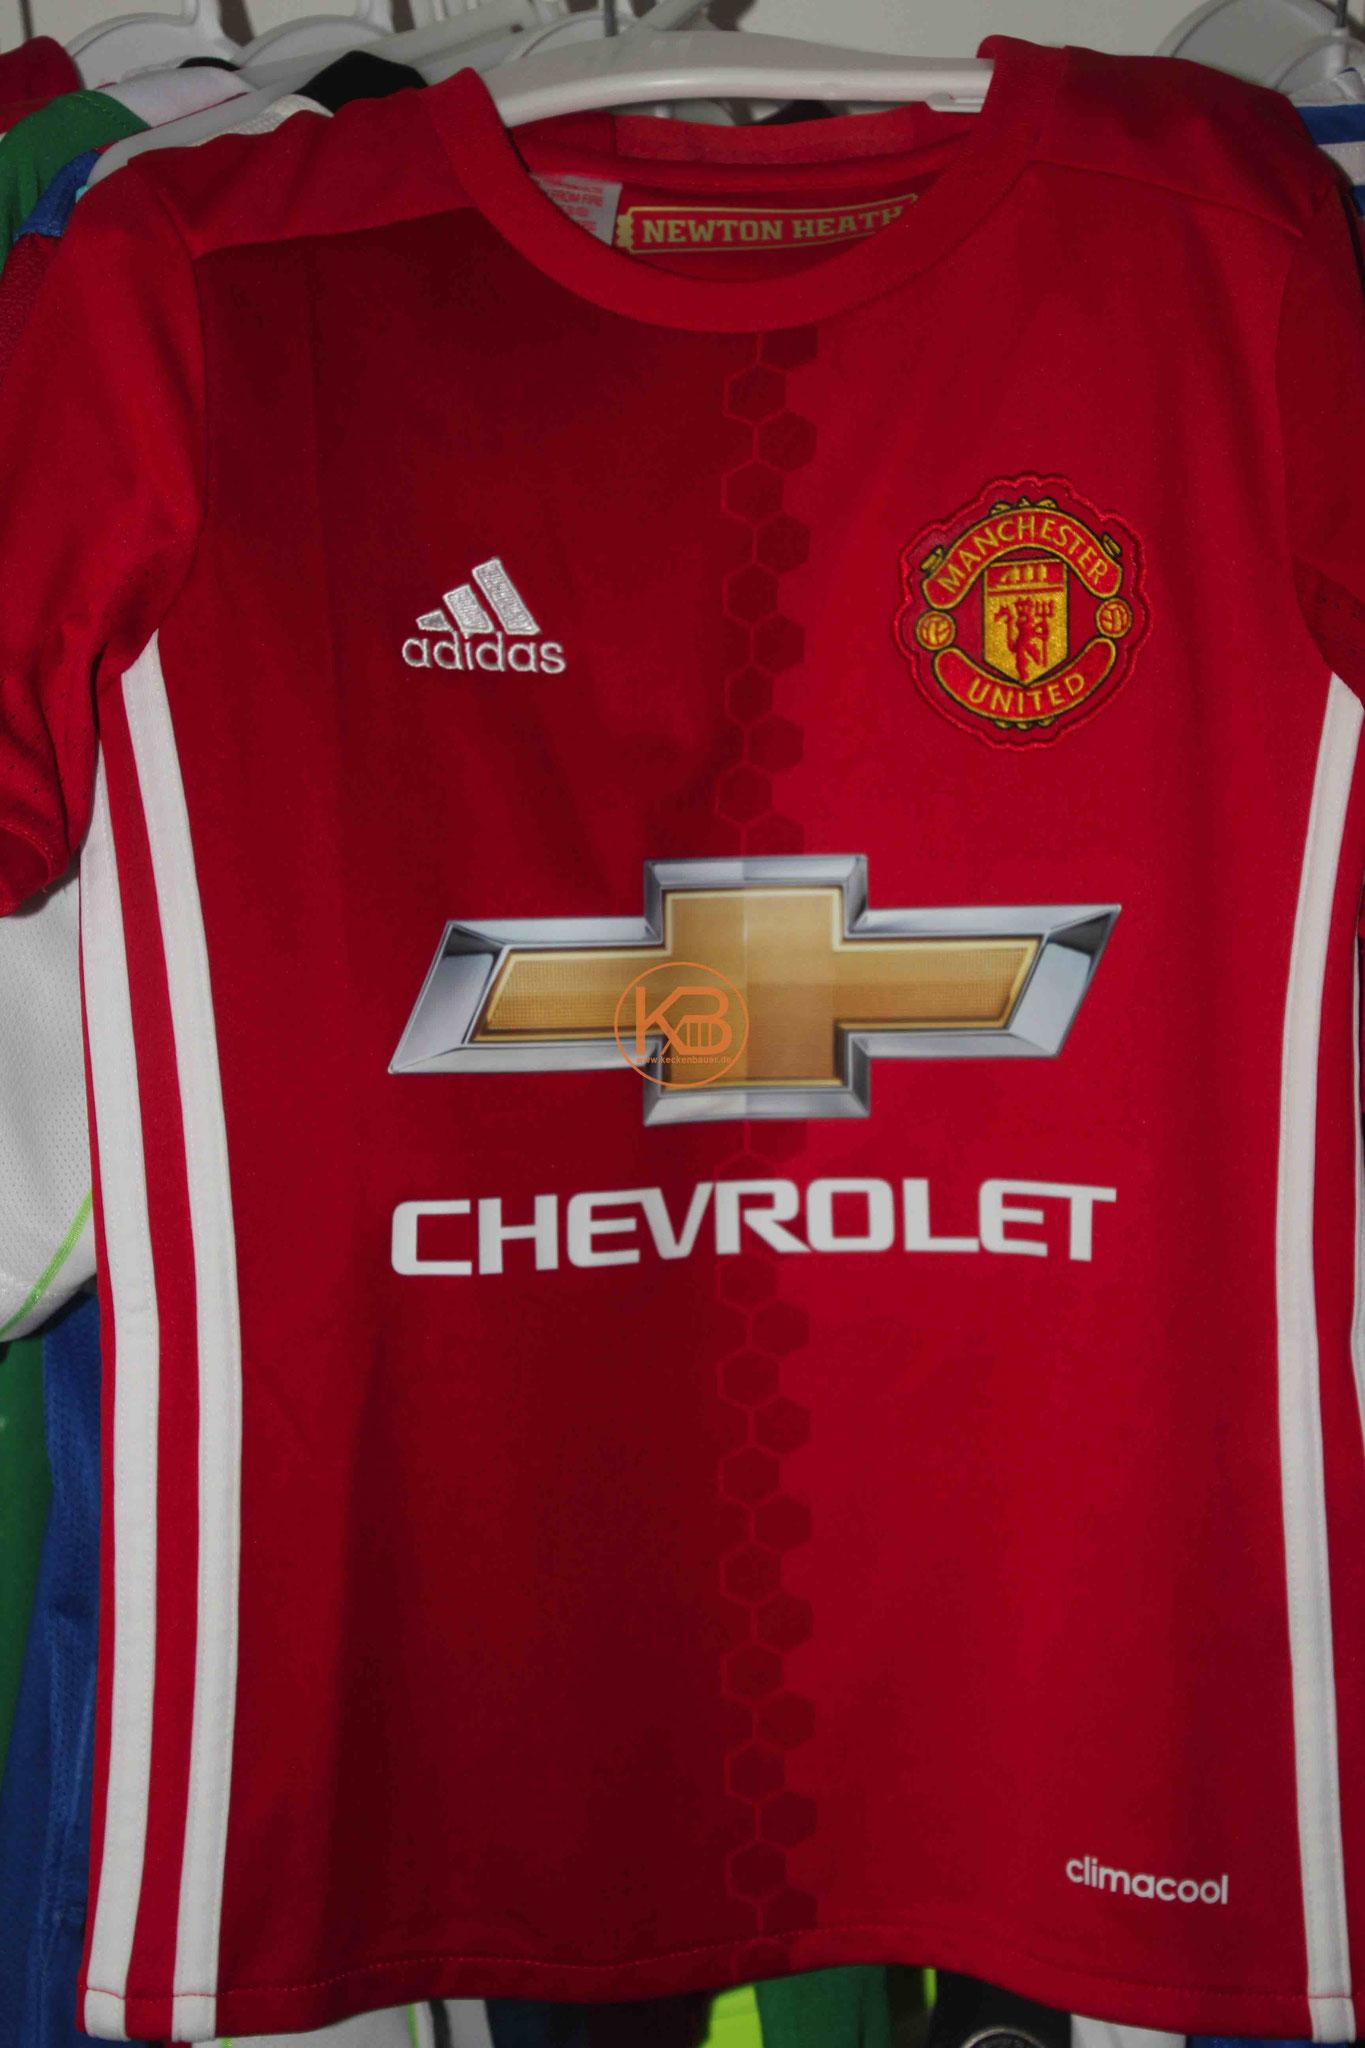 Adidas Trikot von Manchester United